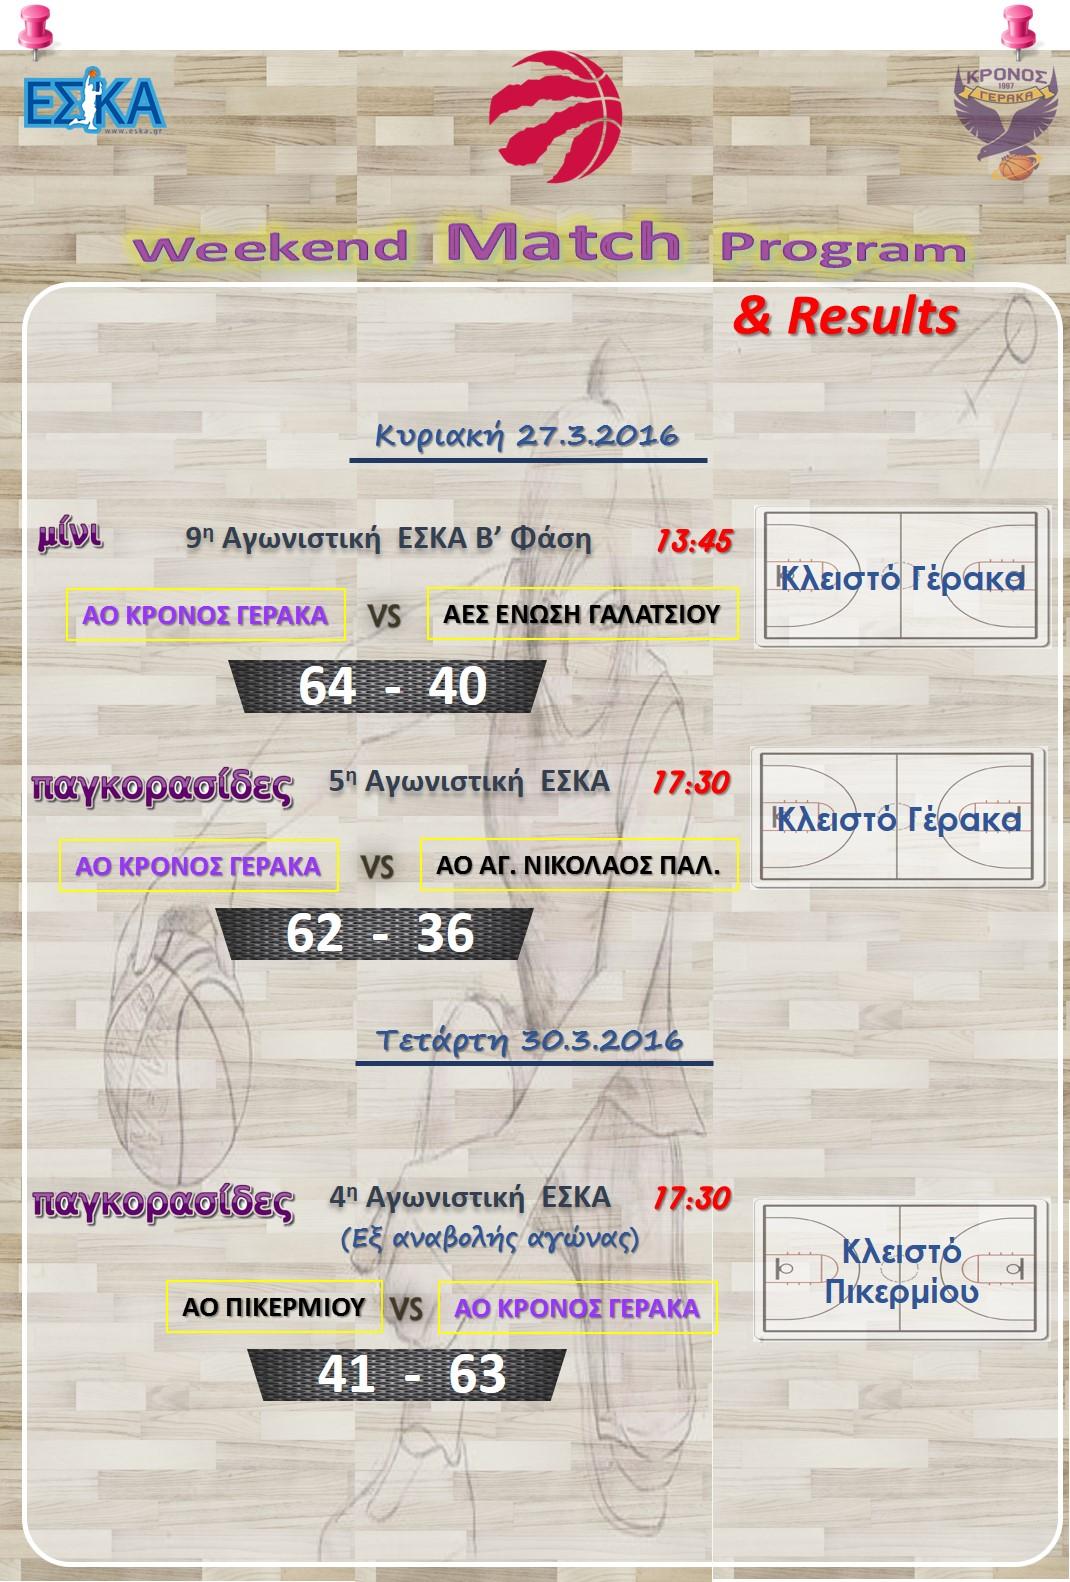 Αποτελέσματα αγώνων εβδομάδας 27-30.03.2016